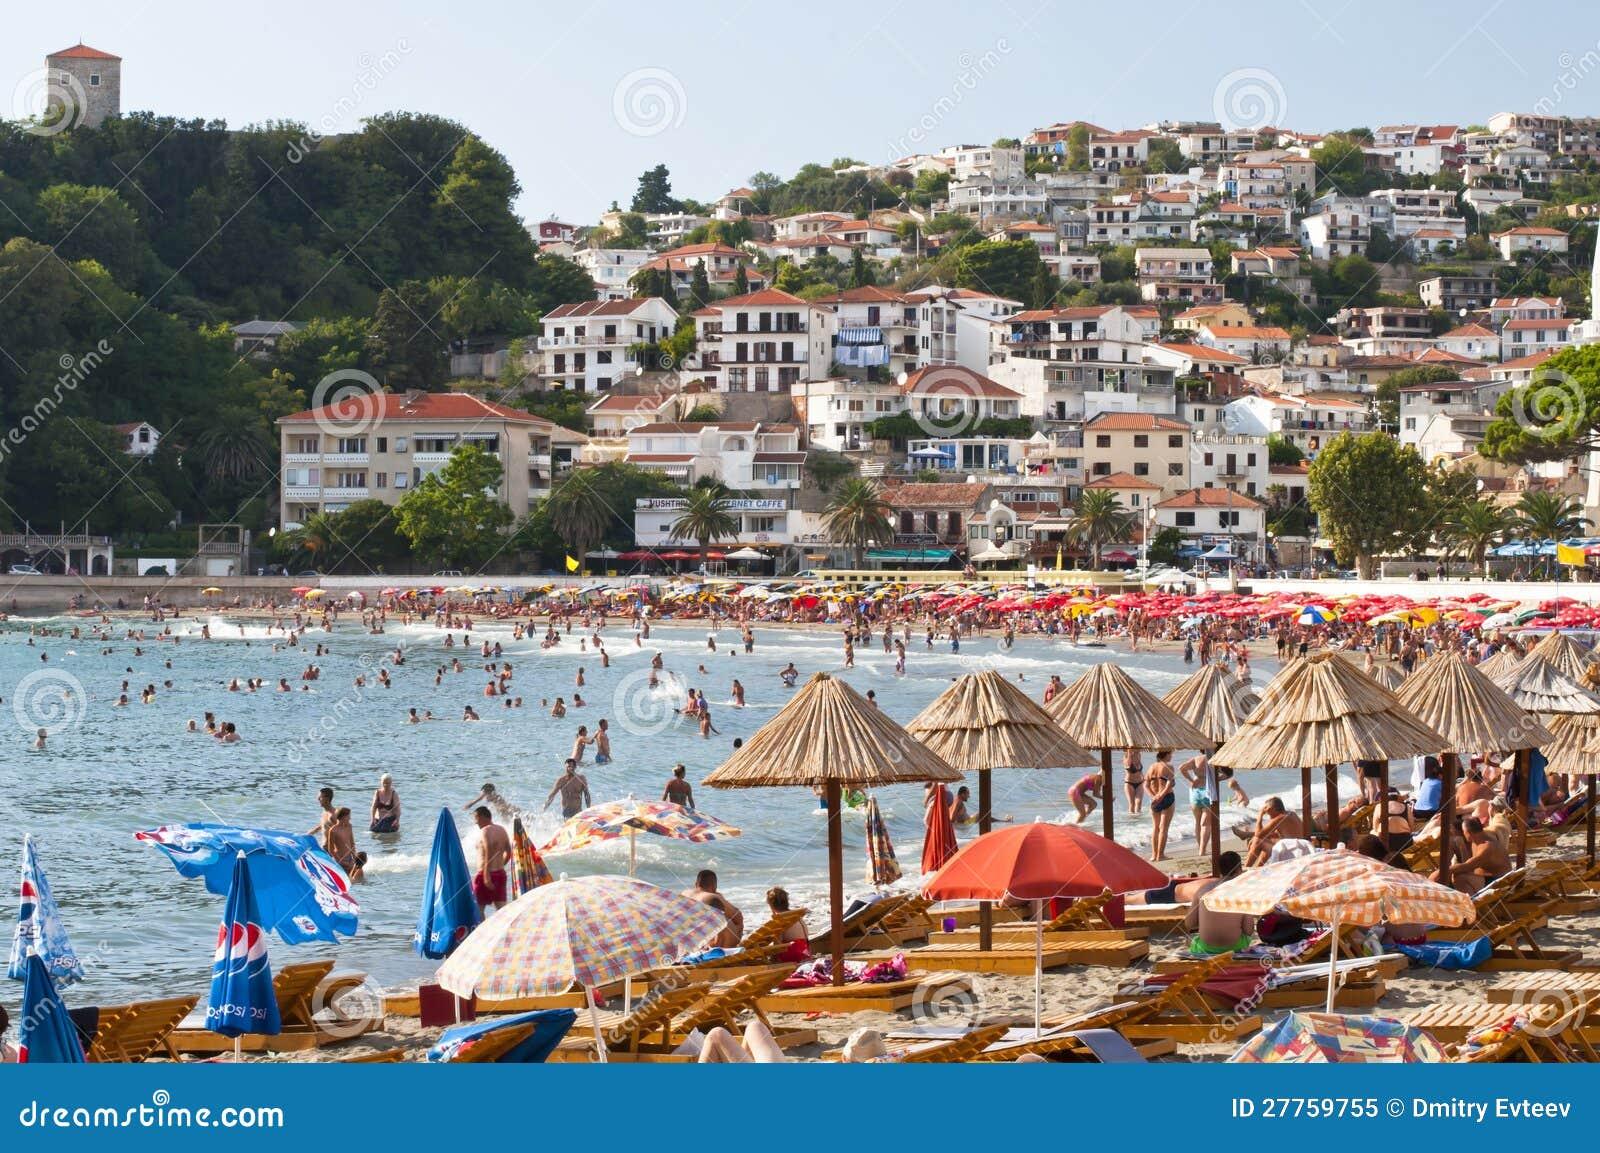 Ulcinj town beach